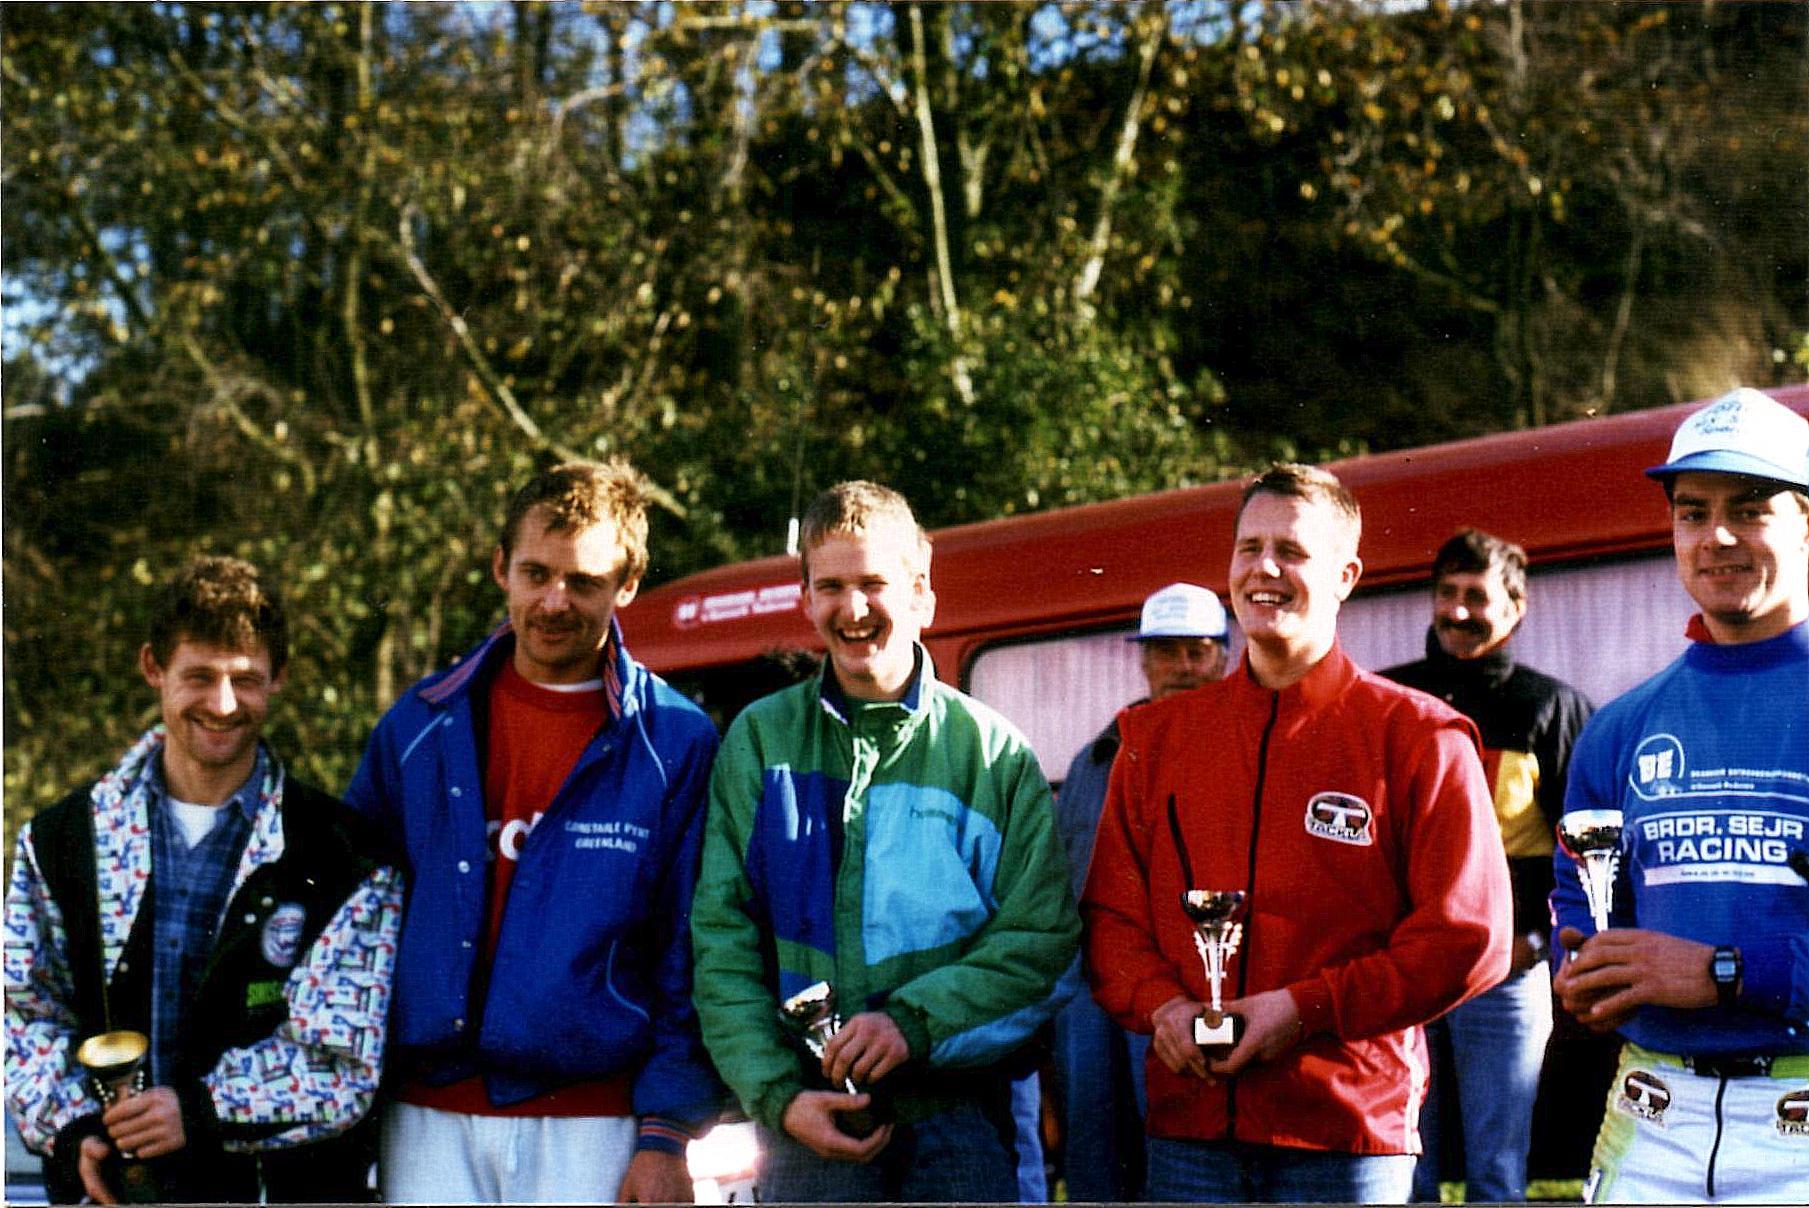 AMK trial Sabro 22 okt. 89. De 5 første i klubmesterskabet 1989. Kim Kjær, Henrik Vedel, Sune Utoft, Jan Laustsen, Lars Sørensen.